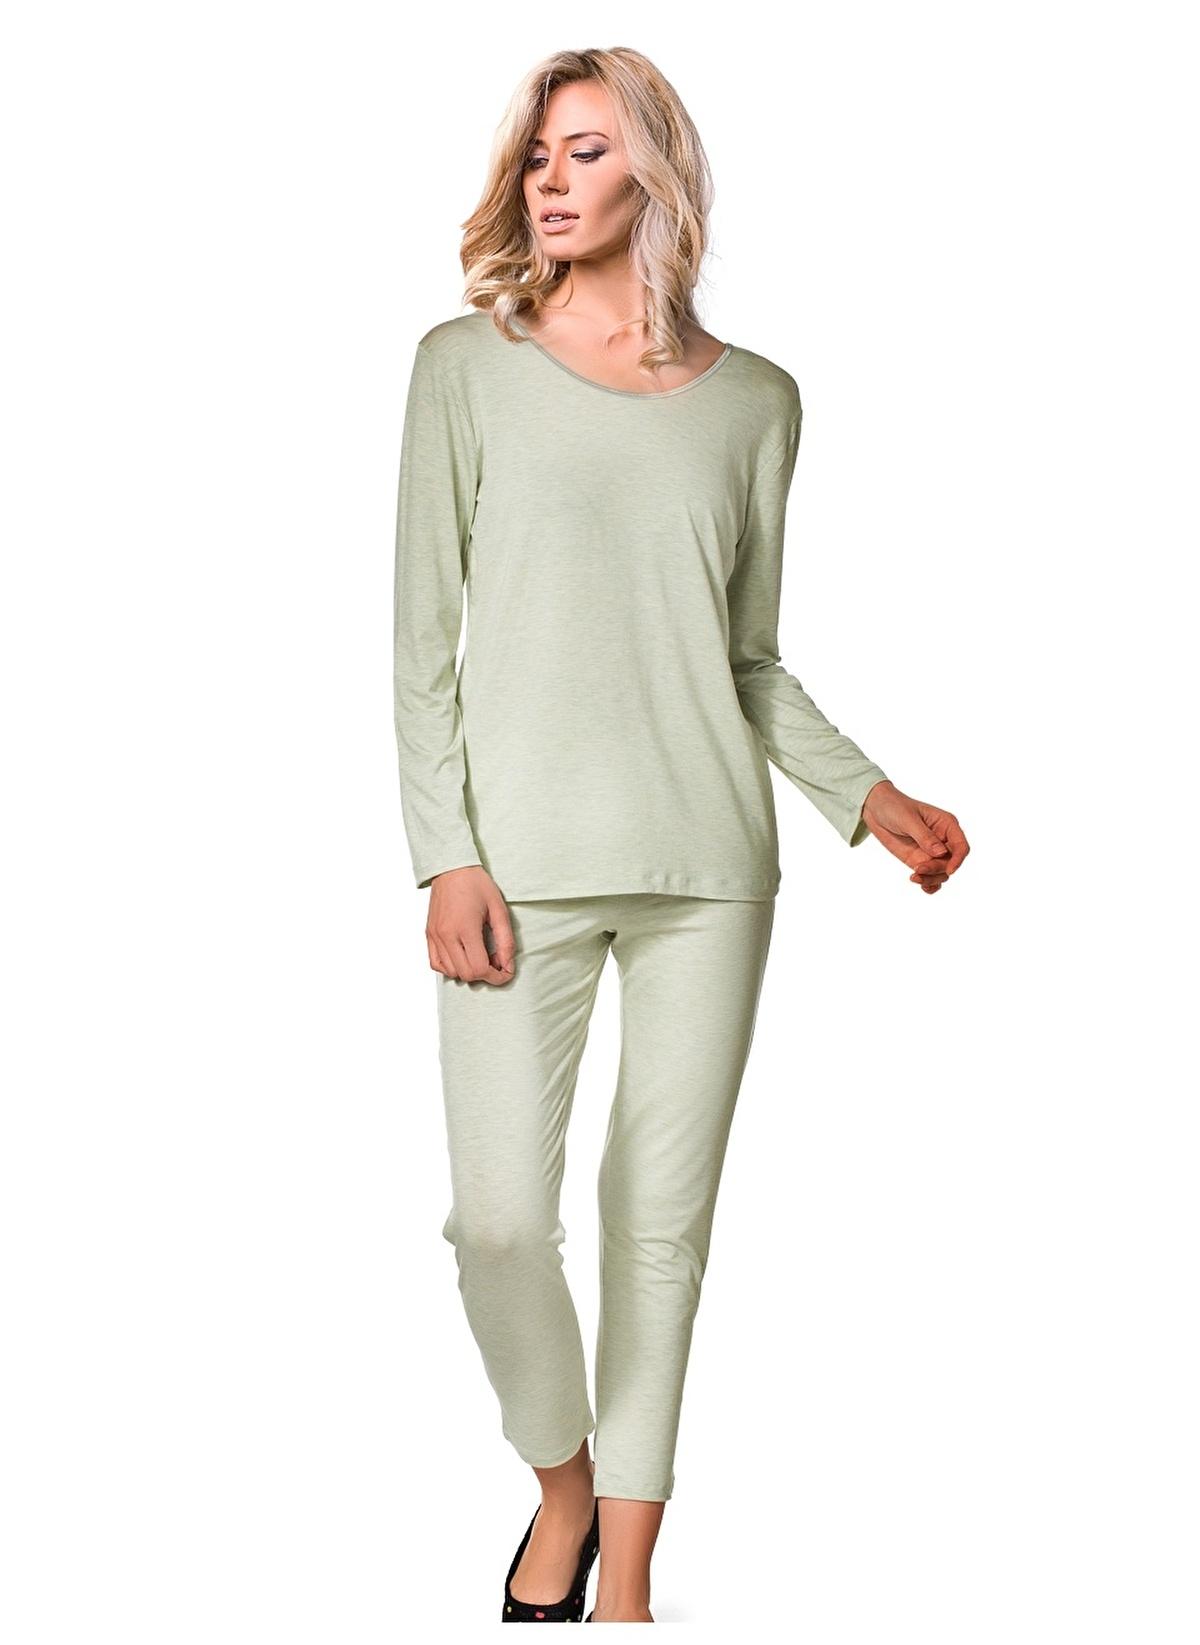 Doremi Kadın Pijama Takımı 002-000237-Kadın-Pijama-Takımı